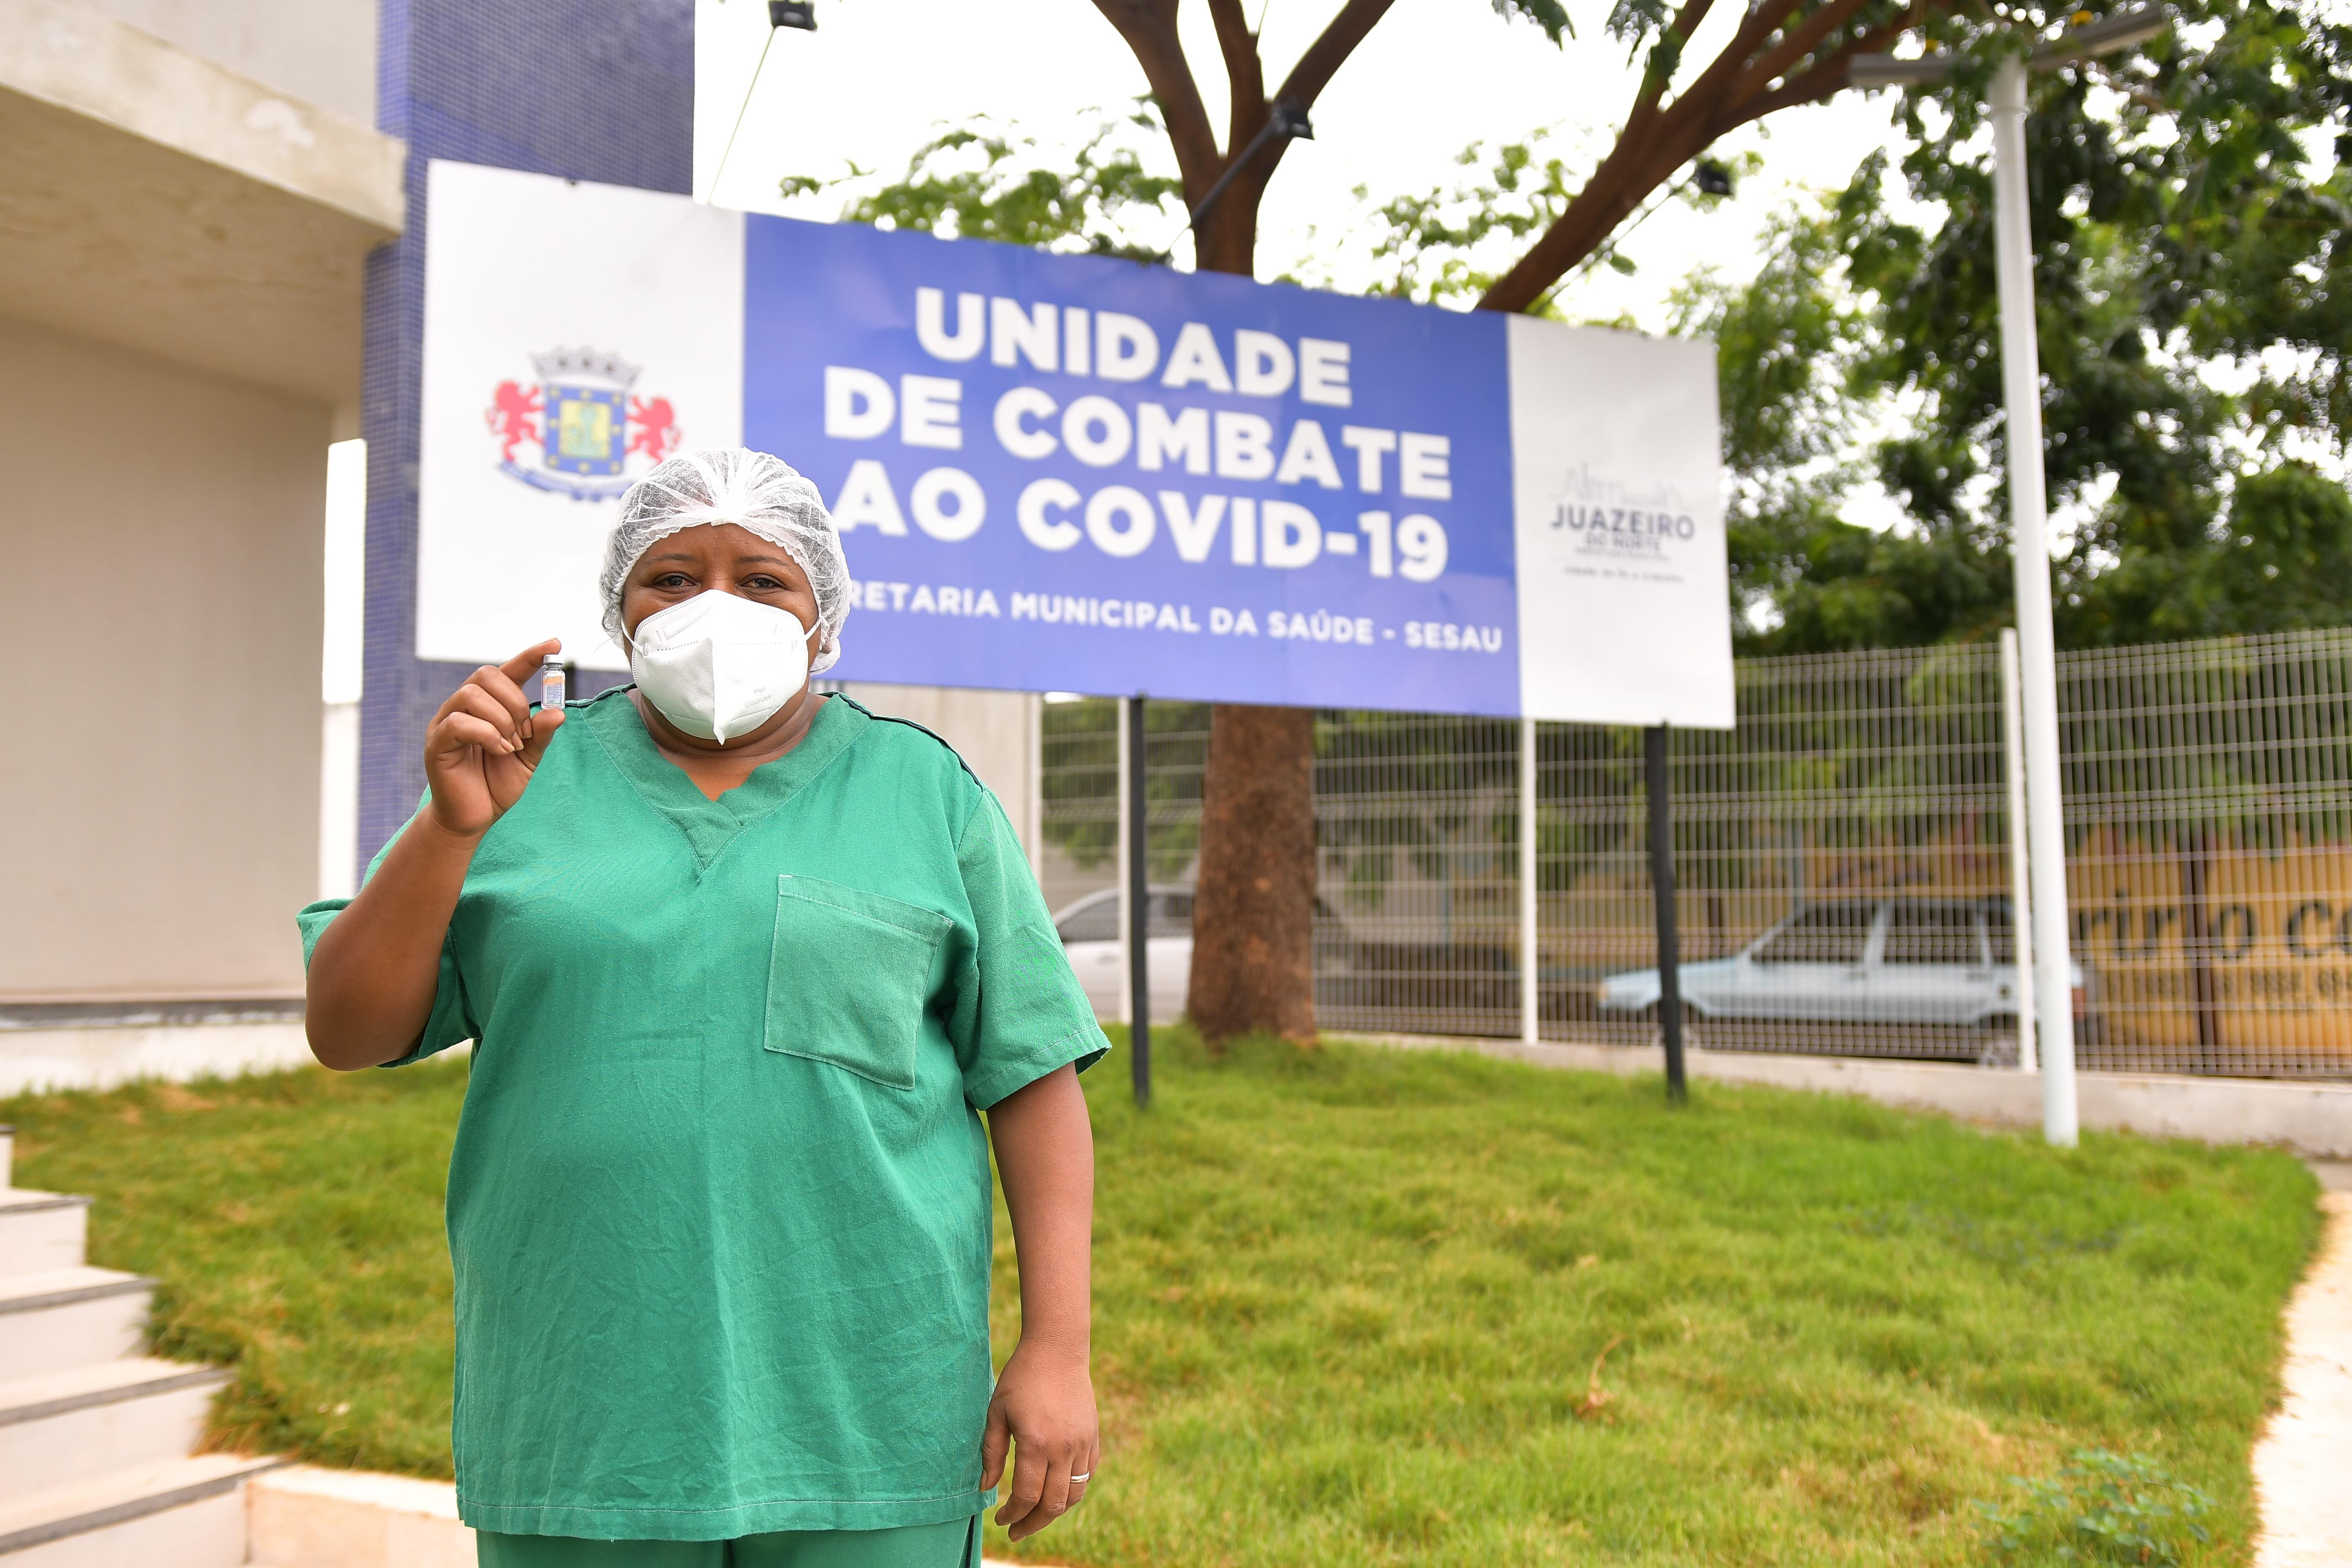 Unidade de combate à Covid-19 em Juazeiro do Norte zera número de pacientes internados pela segunda vez no ano, no Ceará